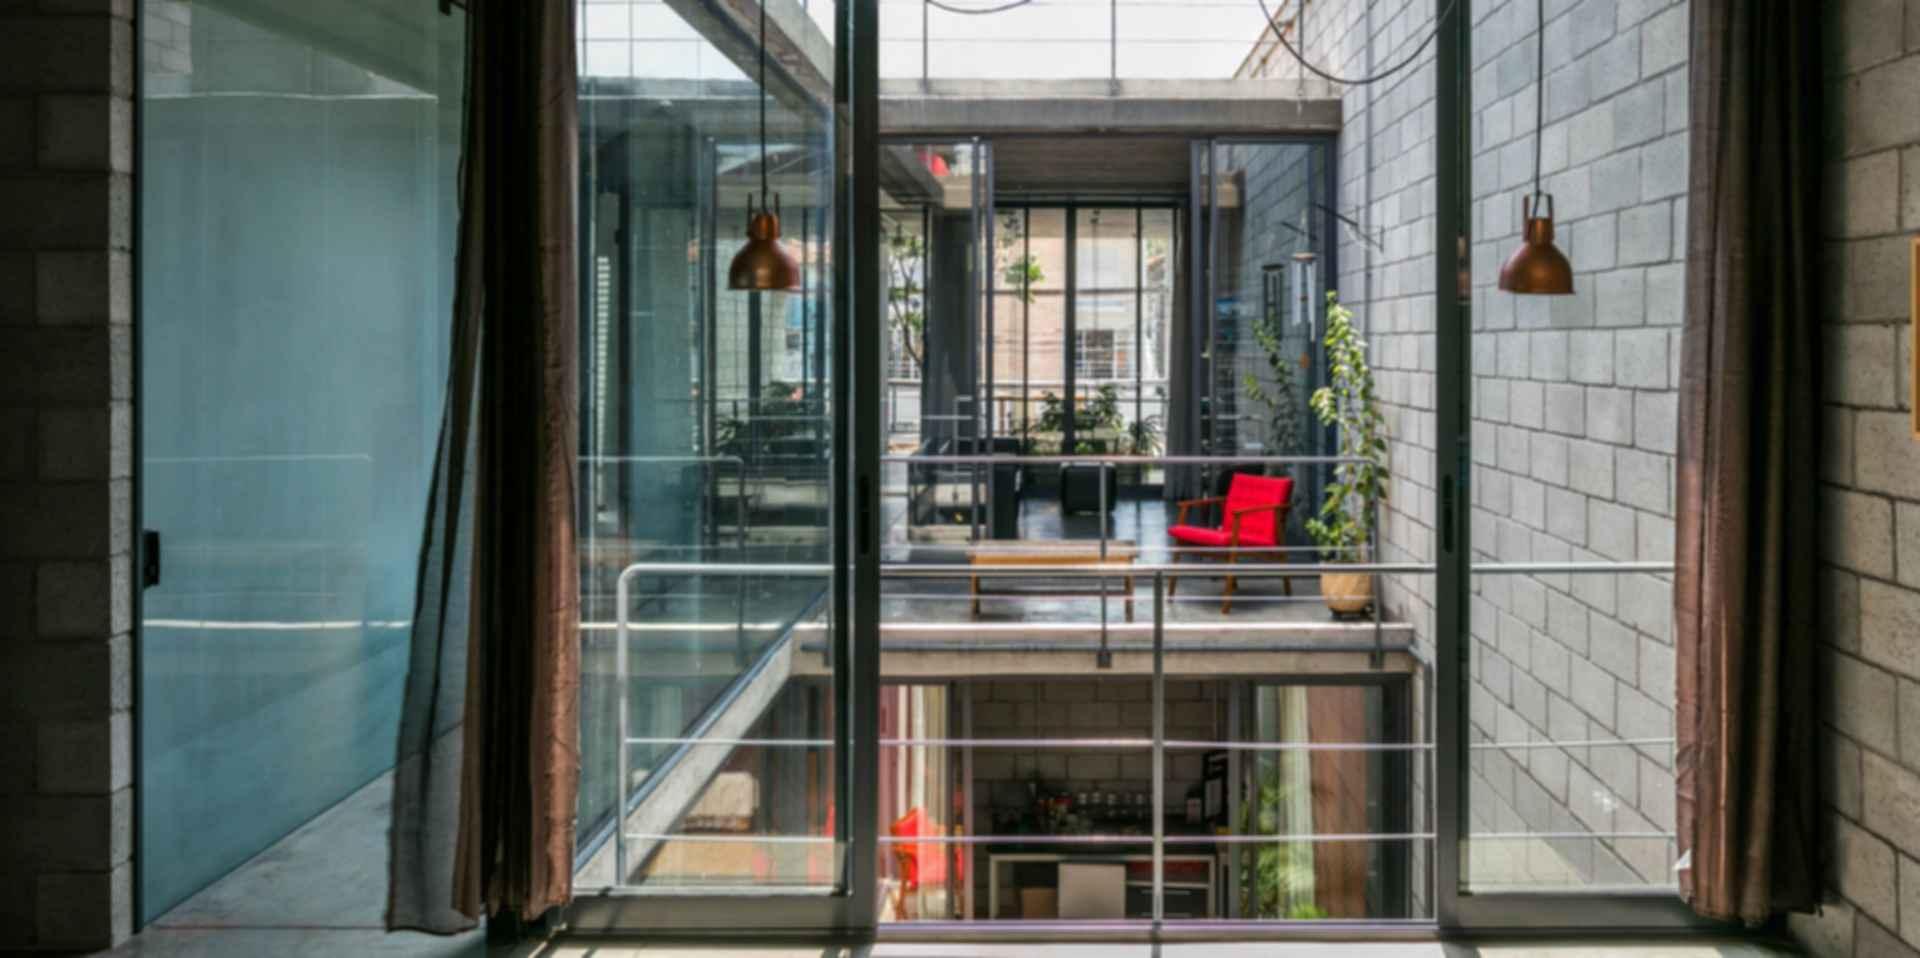 Mipibu House - Interior/Balcony